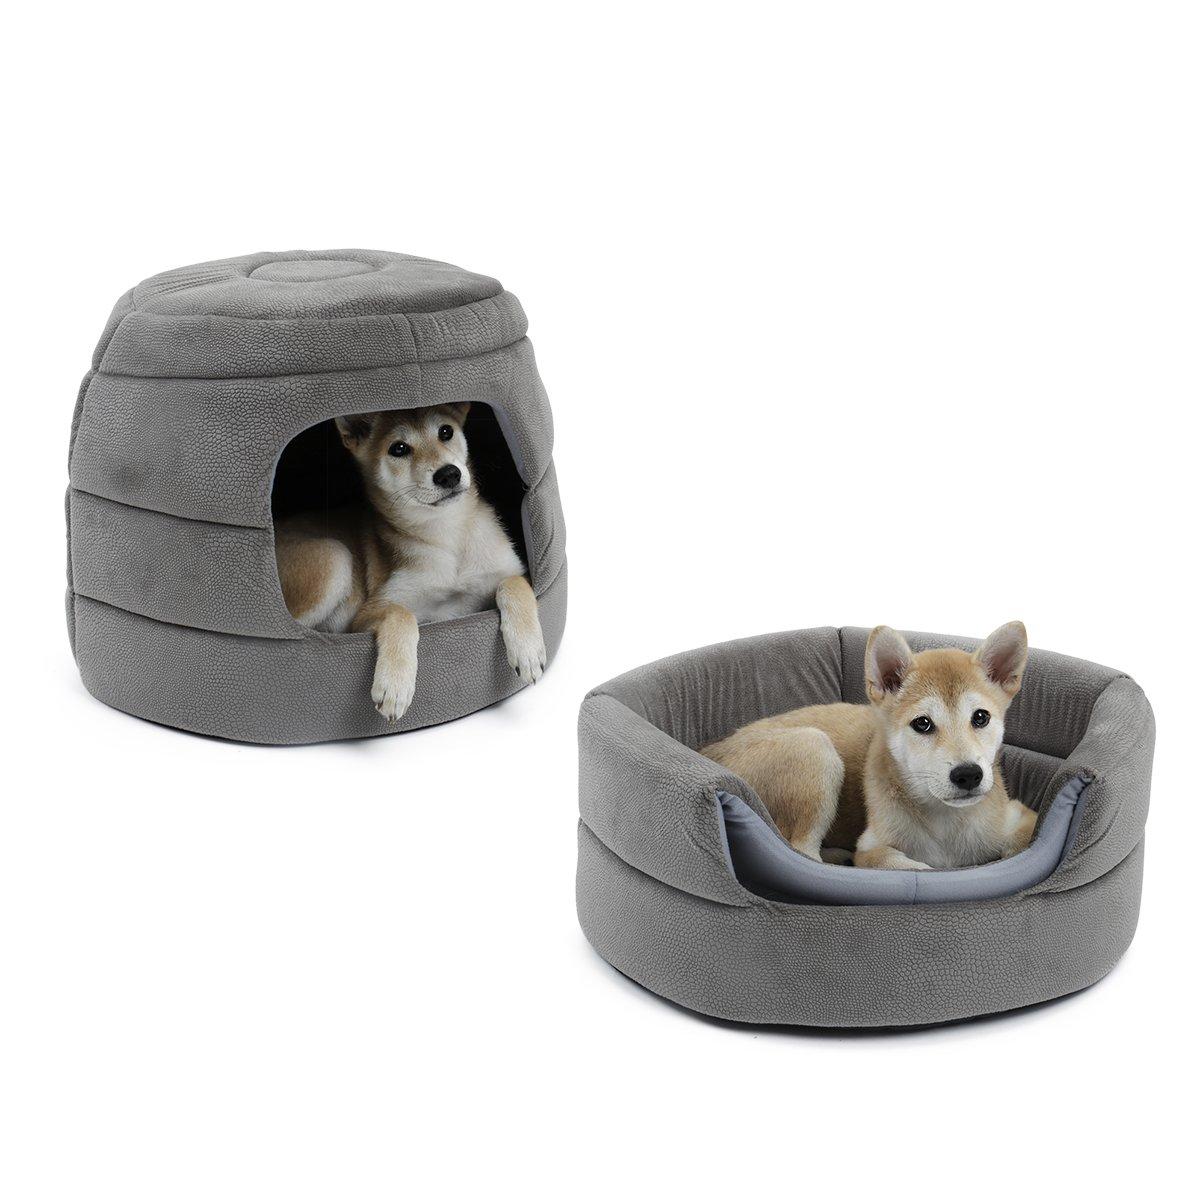 Speedy Pet - Sofá Cama 2 en 1 para Perro, Cama Antideslizante con cojín Desmontable, Lavable, Cama Igloo, Cesta Suave para Perro y Gato, ...